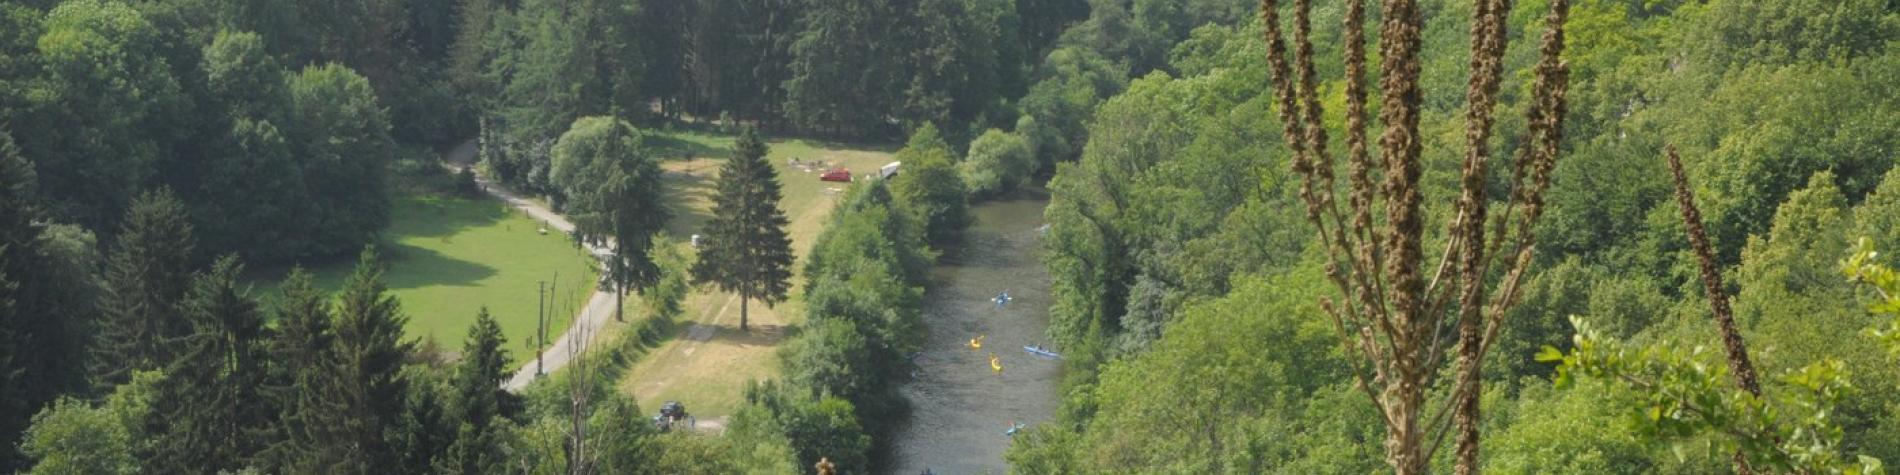 Parc de Furfooz - Vue sur kayaks sur la Lesse